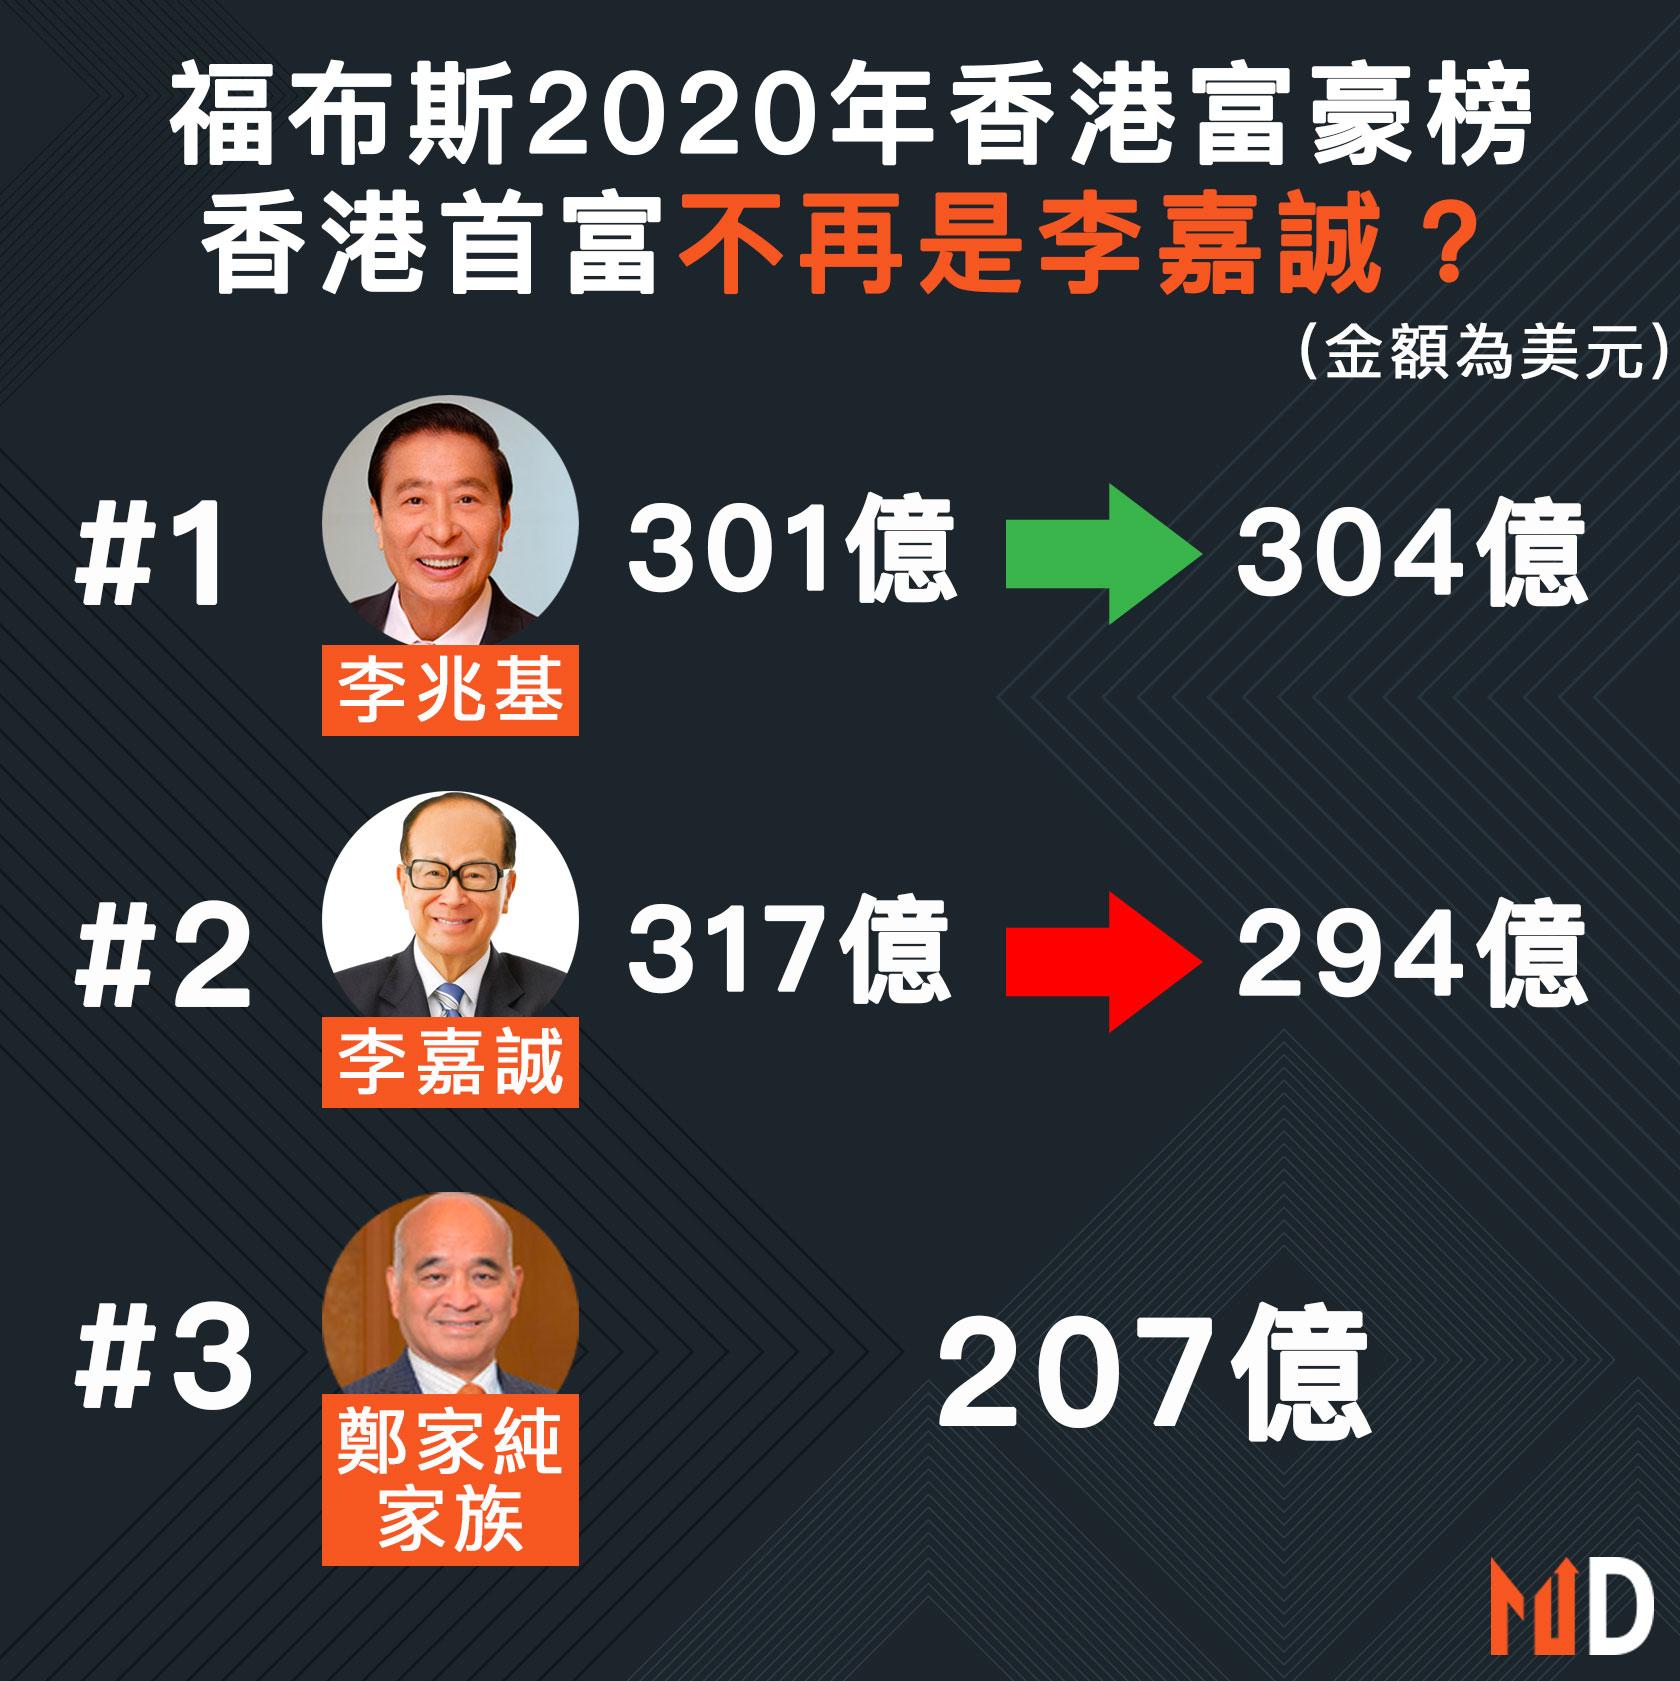 【市場熱話】福布斯2020年香港富豪榜 香港首富不再是李嘉誠?